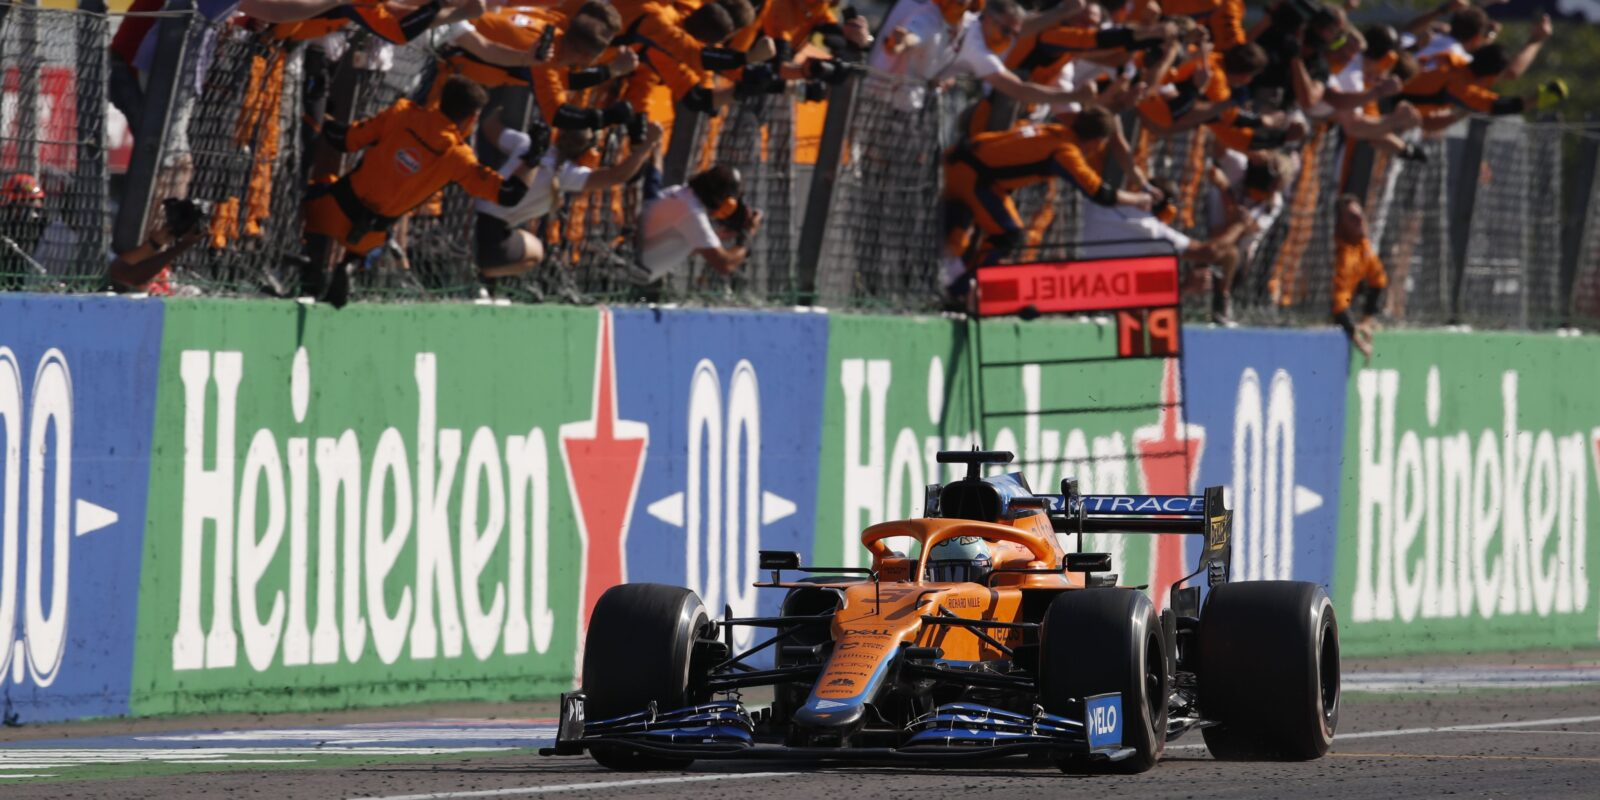 Vestappen skončil na Hamiltonovi, závod vyhrál Ricciardo